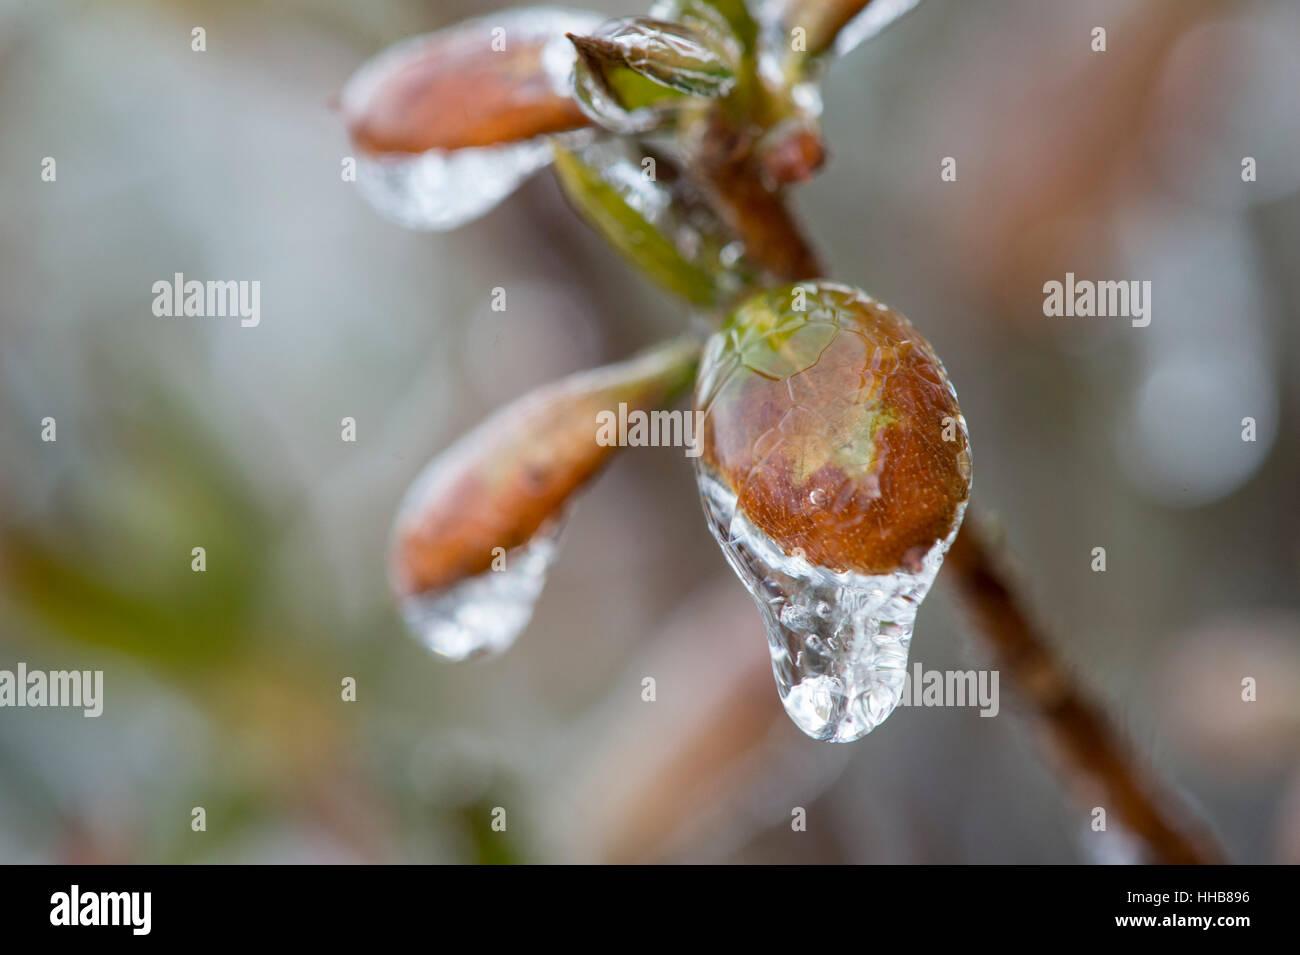 Un close up macro di un ramo di albero bud ricoperto di ghiaccio. Immagini Stock